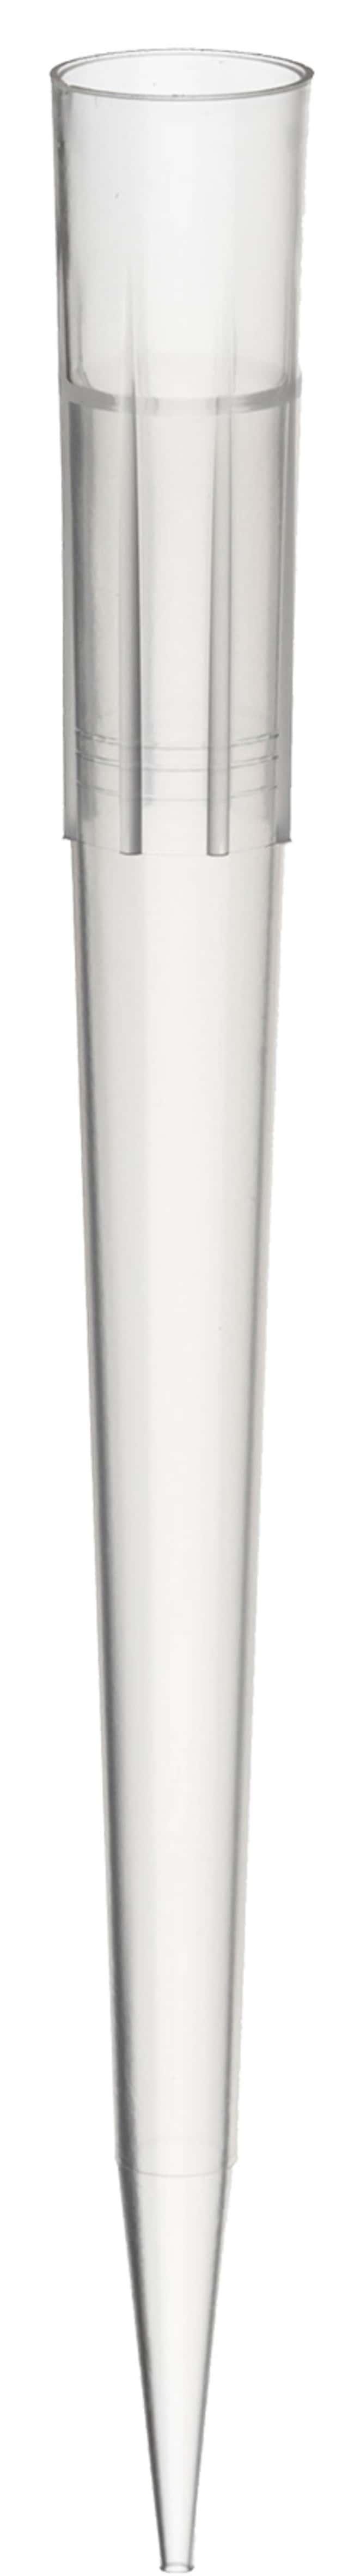 LabconSuperSlik™ 1200 μL Low Retention Pipette Tips for Rainin™ LTS Pipettors 96cônes par rack; 6racks par sachet/ 8sachets par boîte; non stériles LabconSuperSlik™ 1200 μL Low Retention Pipette Tips for Rainin™ LTS Pipettors